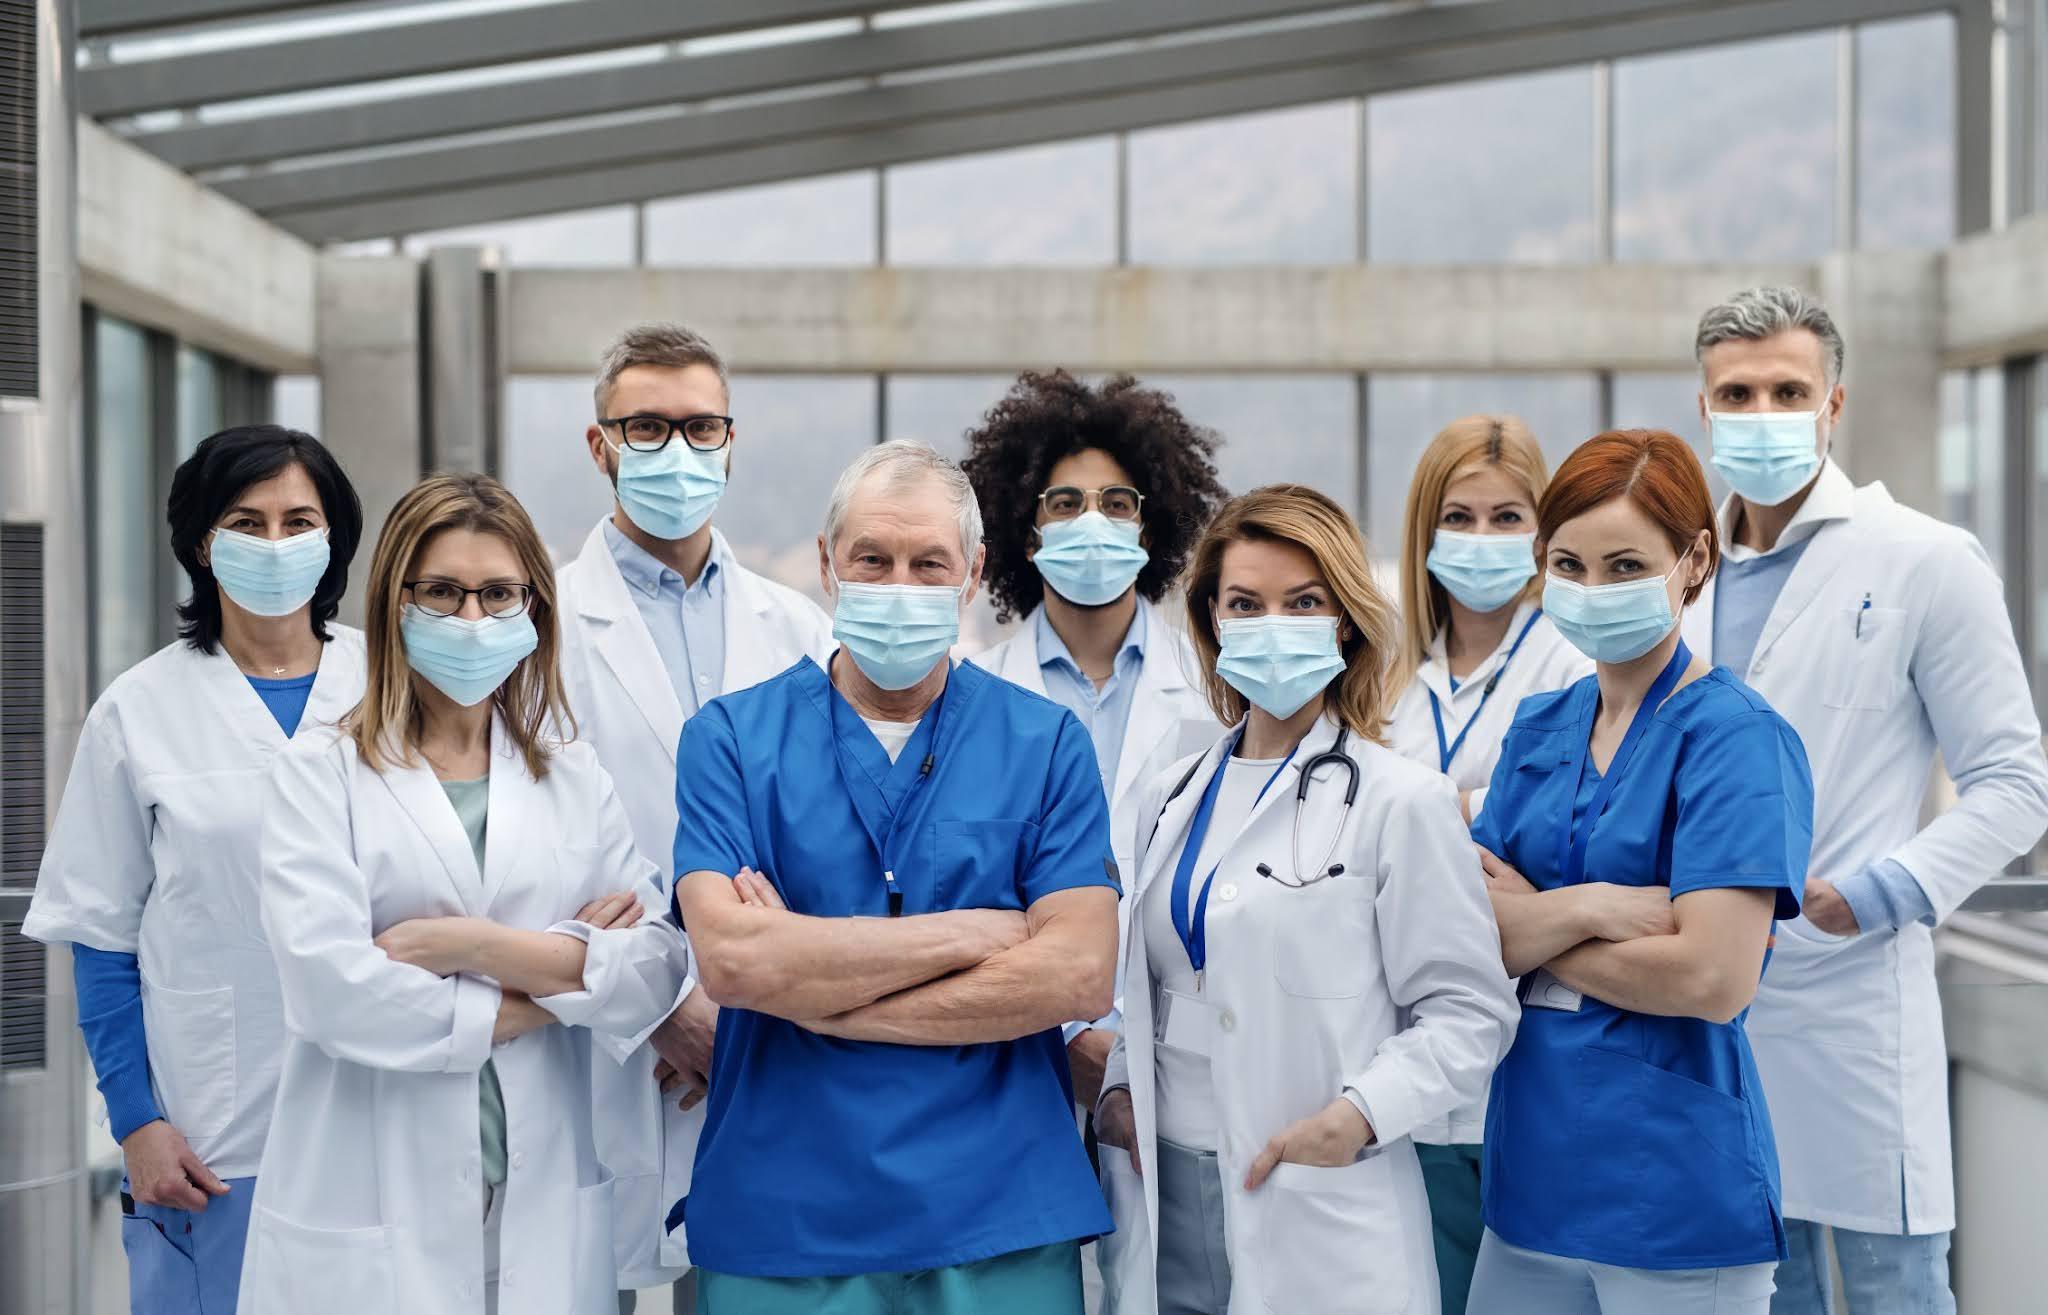 dampak-serta-rekomendasi-pencegahan-dan-pengendalian-pandemi-diulas-pakar-kesehatan-masyarakat-terkemuka